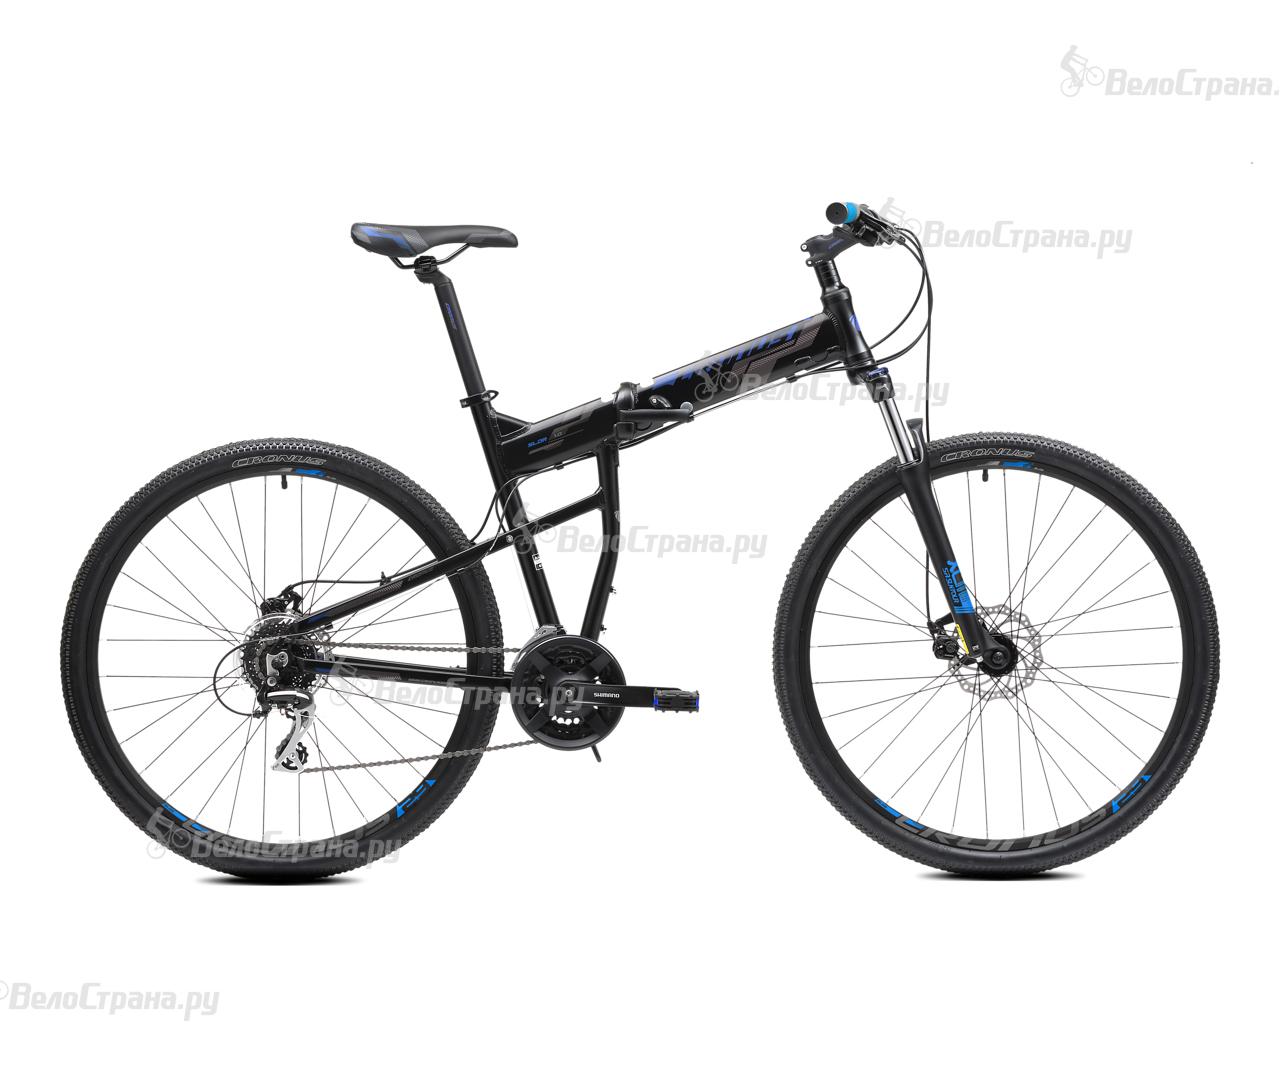 Велосипед Cronus Soldier 1.0 29 (2018) велосипед cronus soldier 1 5 2014